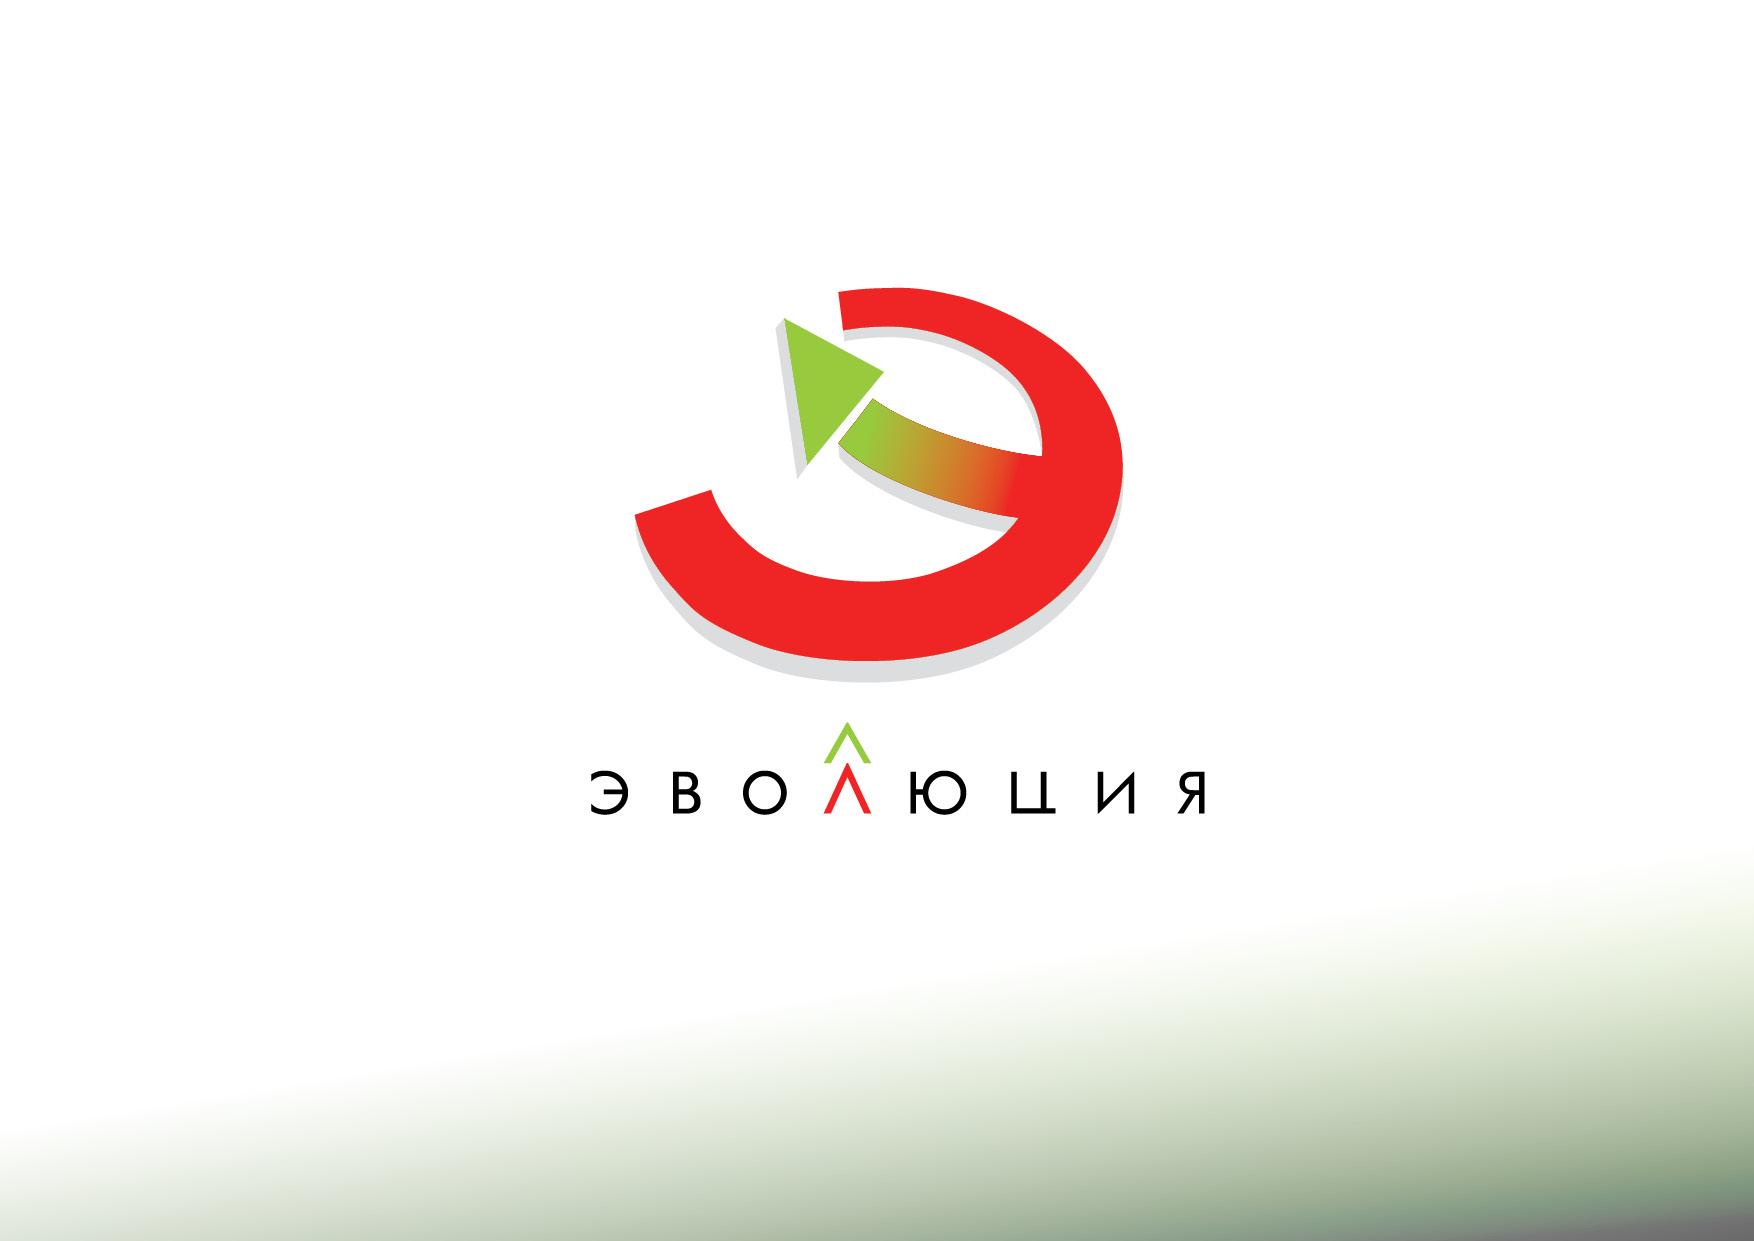 Разработать логотип для Онлайн-школы и сообщества фото f_2595bbf871227a76.jpg